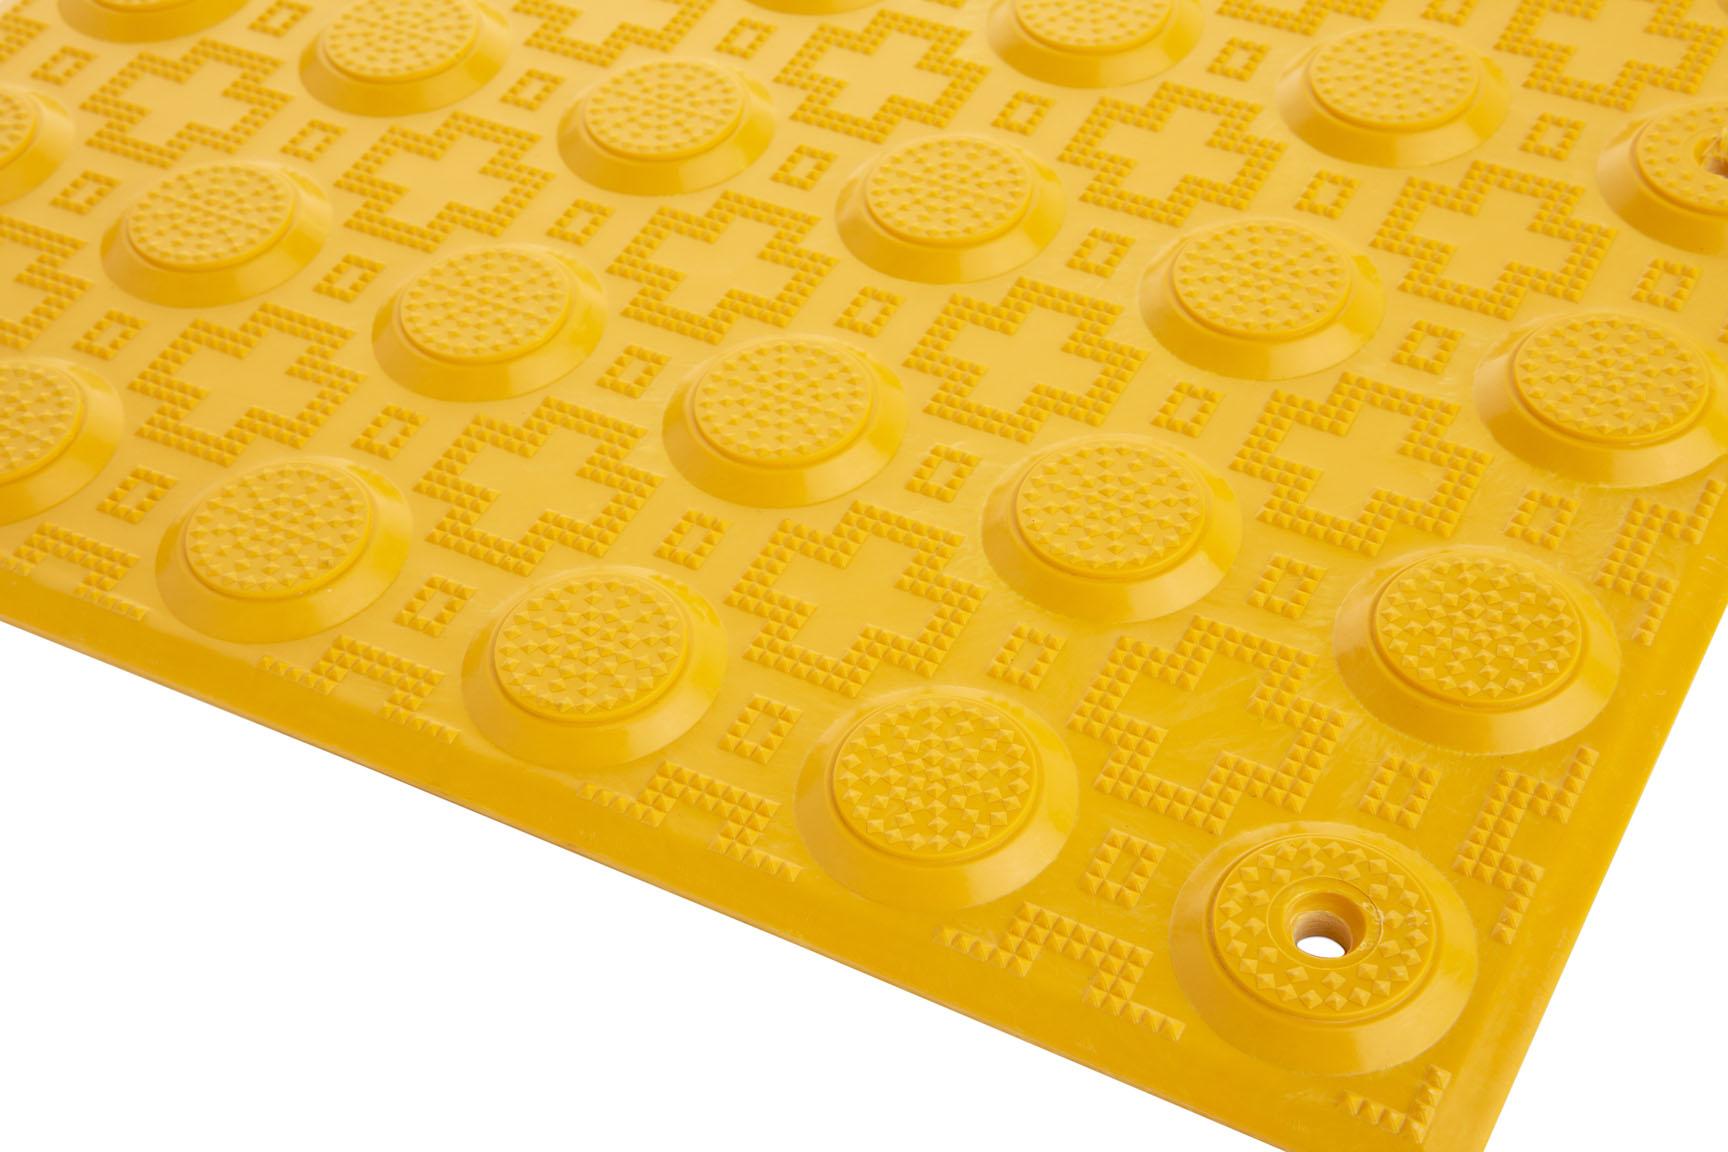 PTYSA600 -  Fibreglass Reinforced Polymer Tactiles - Perth Tactiles